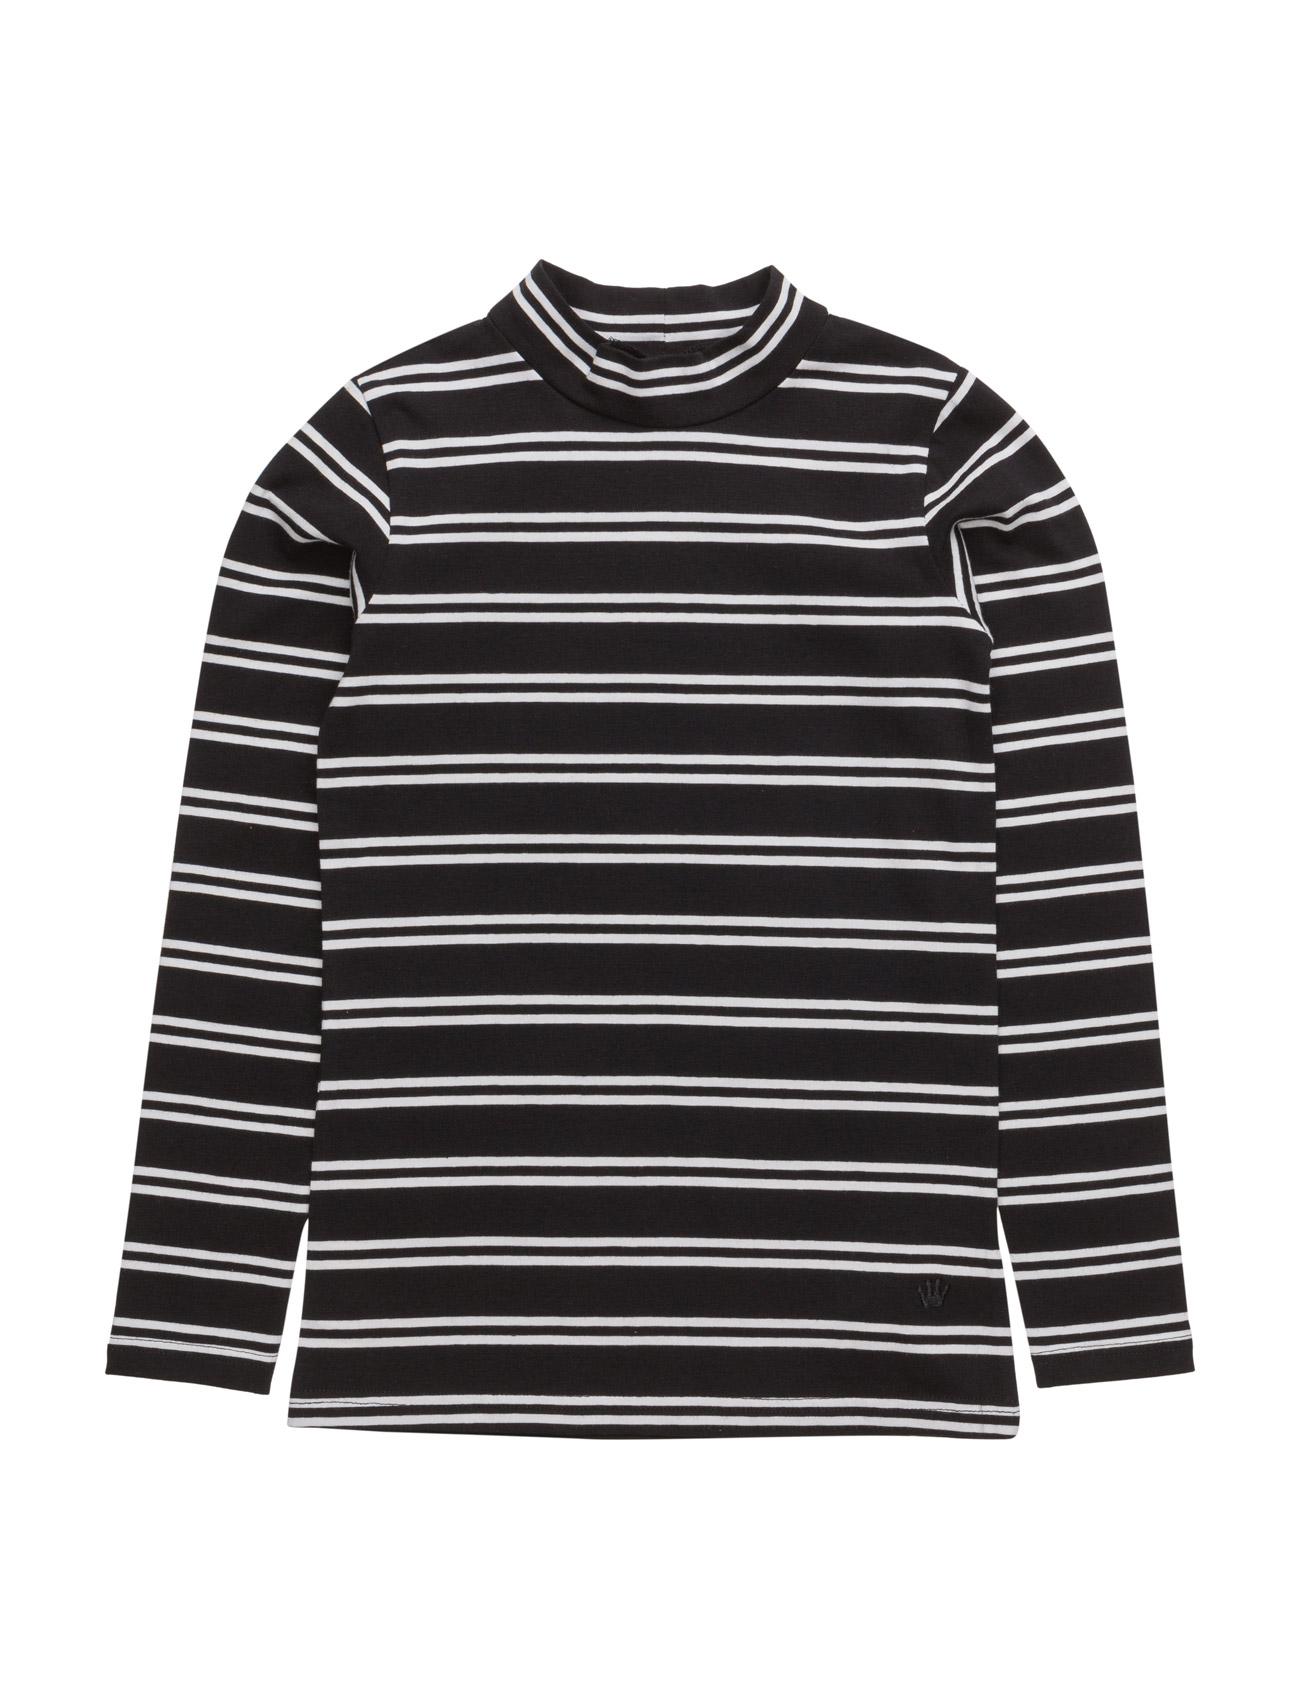 Nanny T-Shirt L/S Turtleneck D-xel Langærmede t-shirts til Børn i Off White